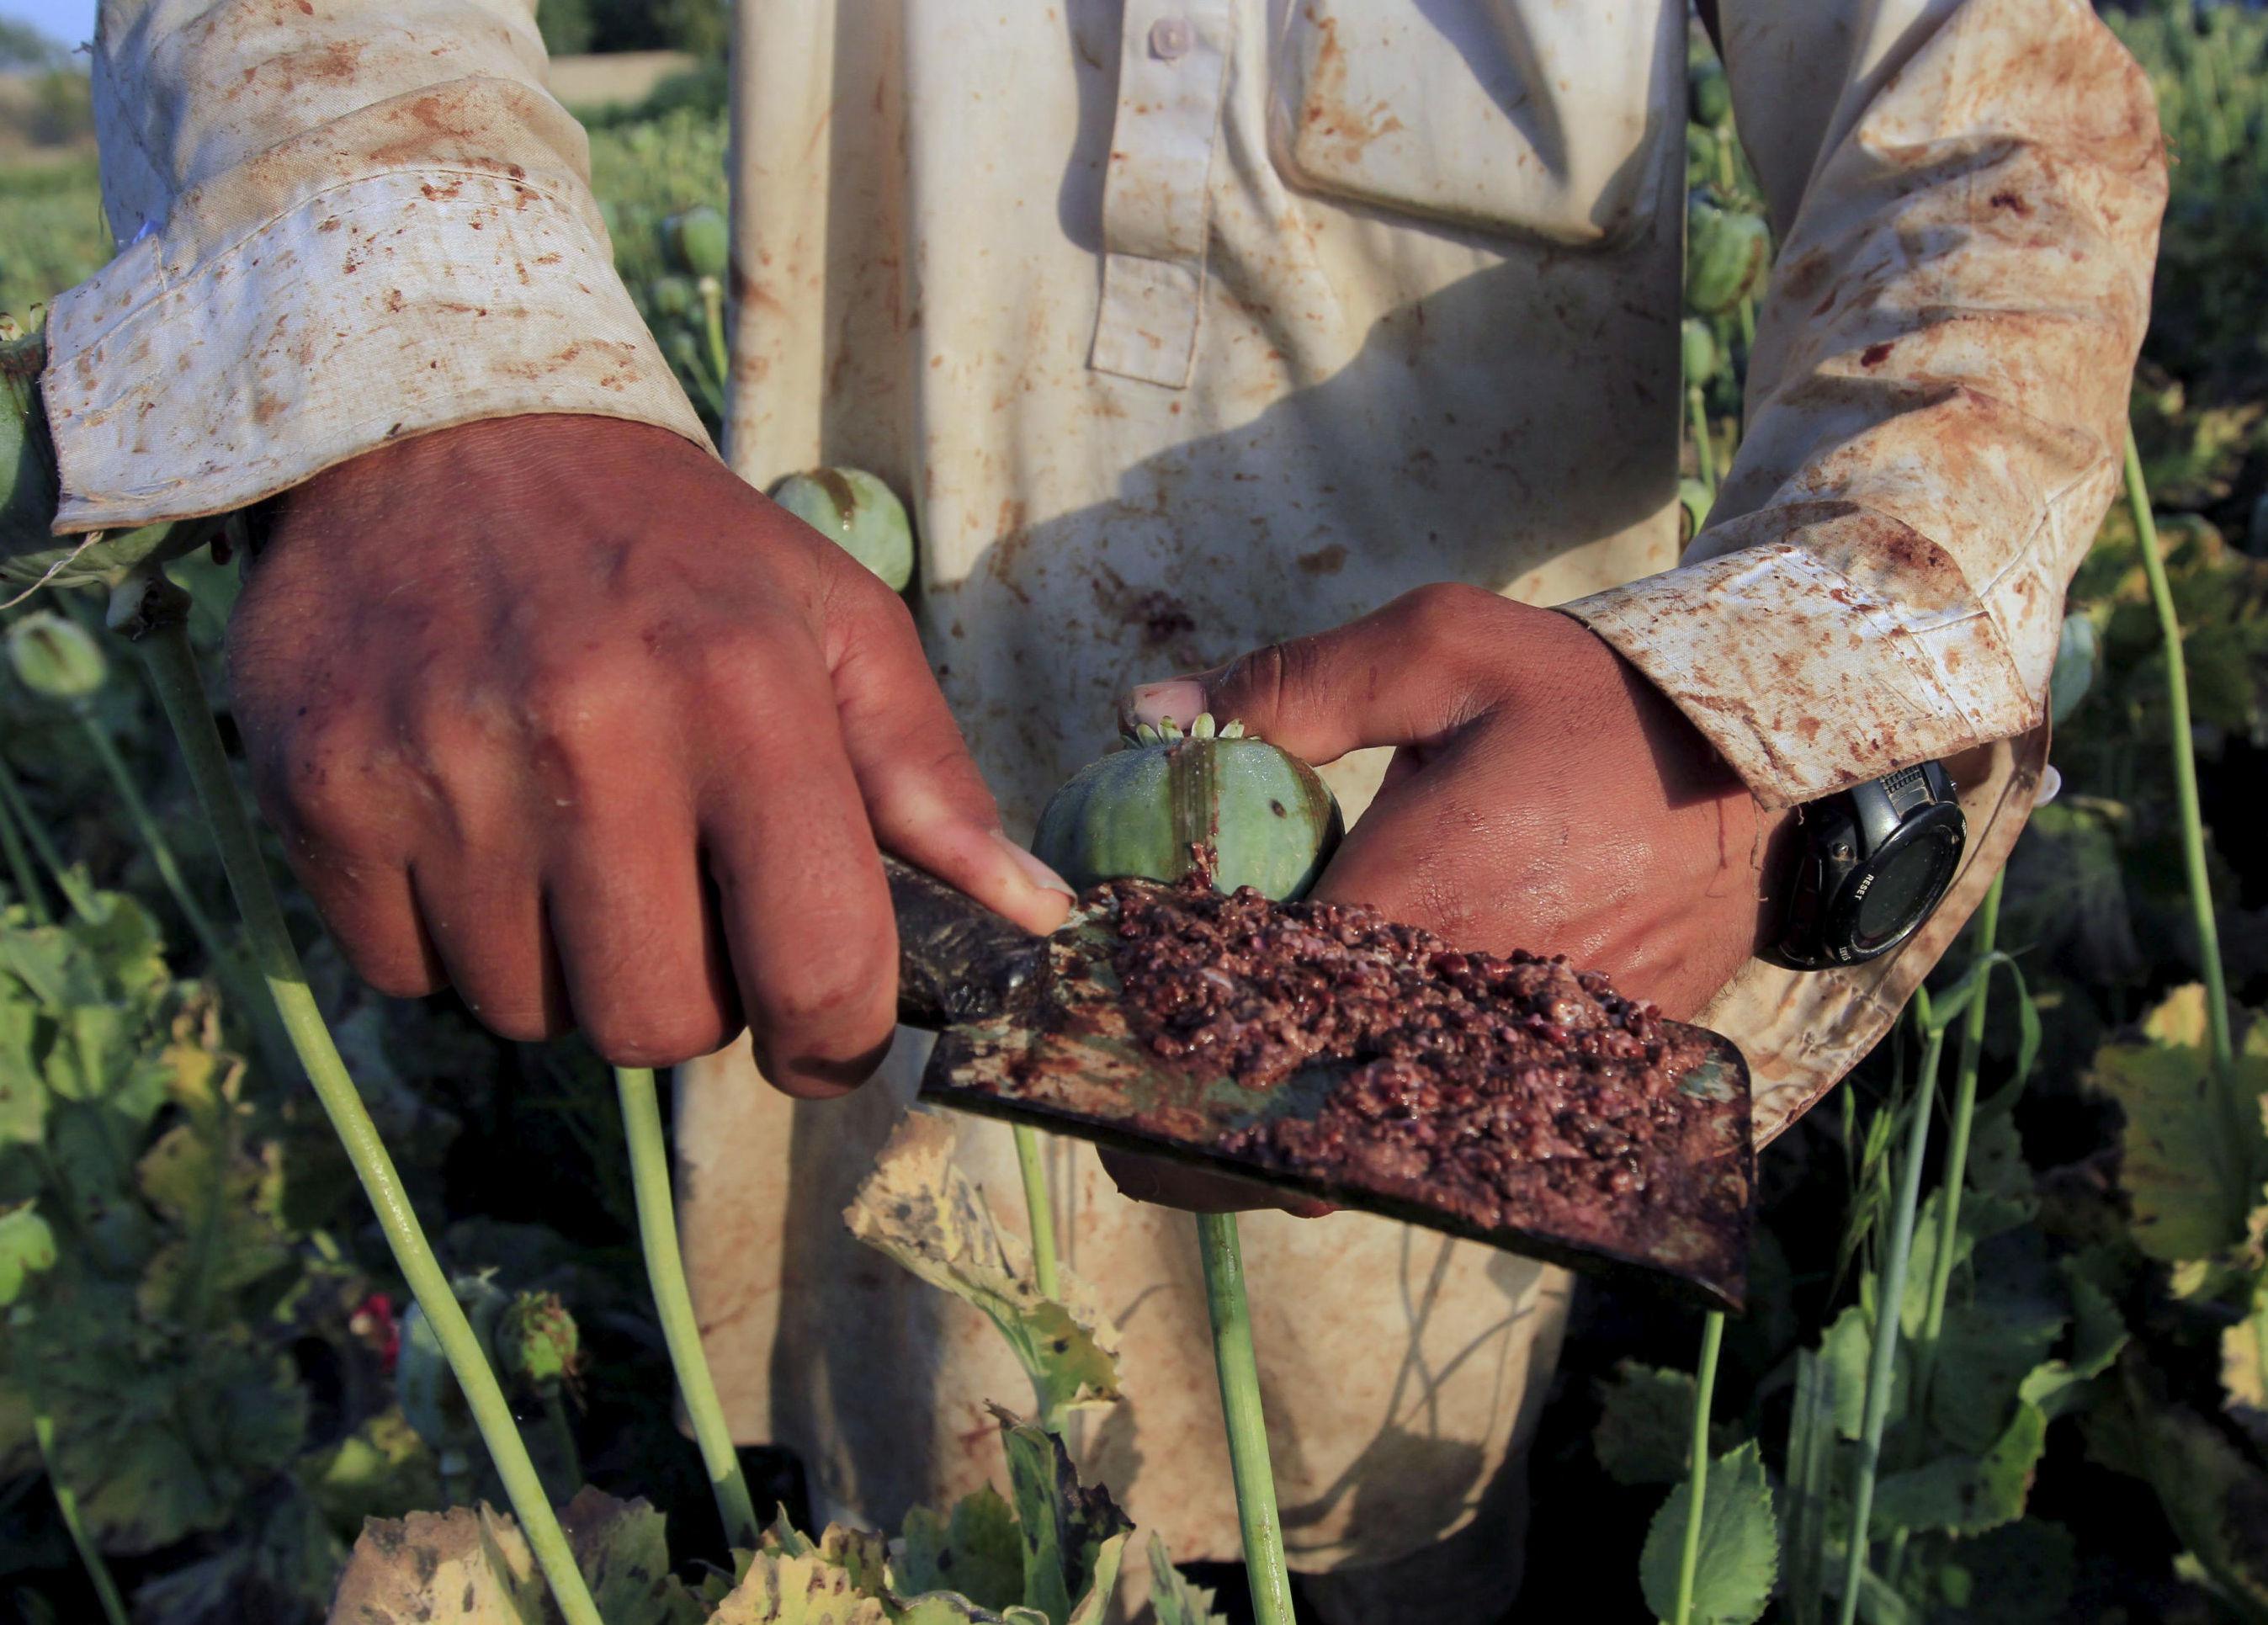 Un agricultor de amapolas recoge el opio crudo de una cabeza.